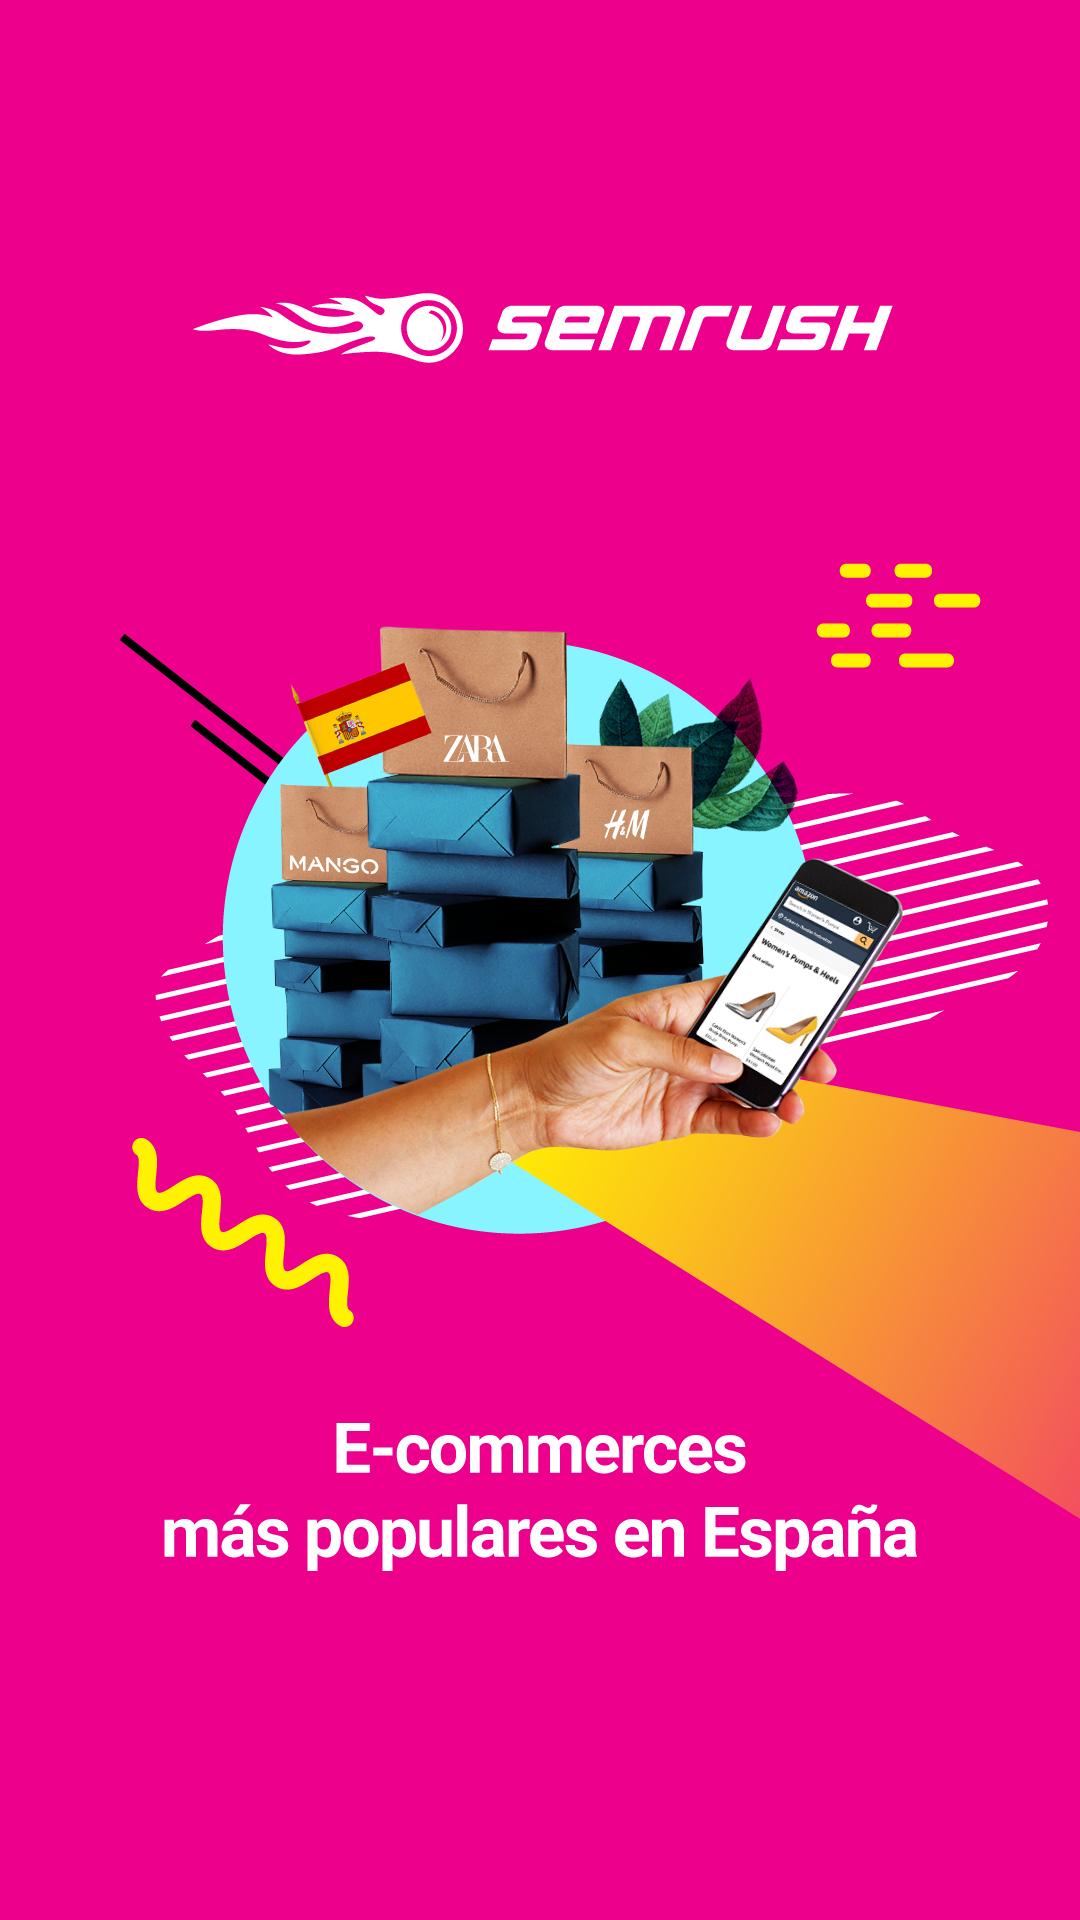 Foto de E-commerces más populares en España